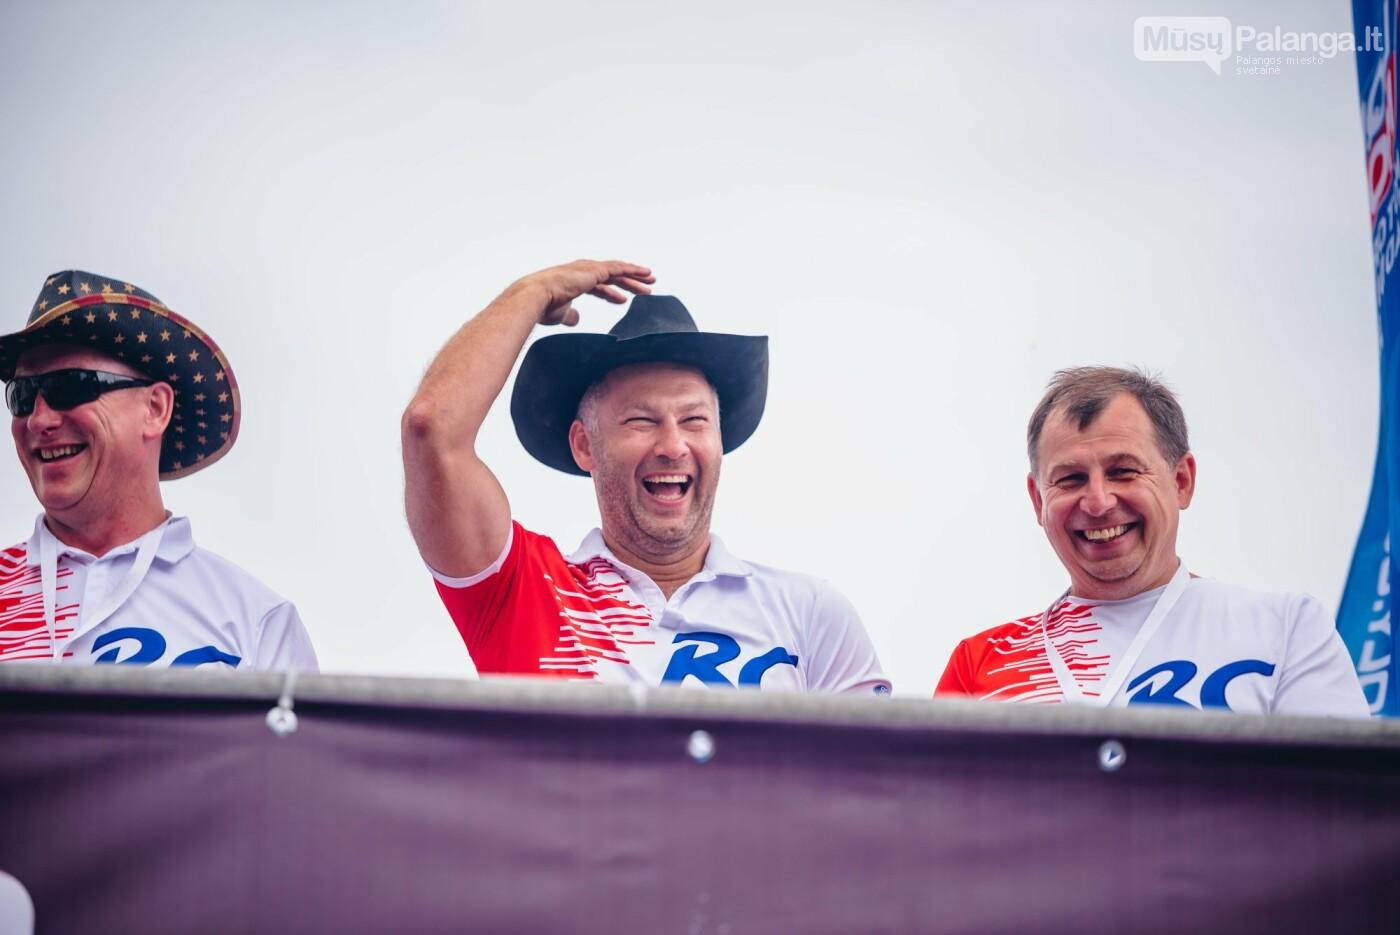 """2022-ųjų liepos vidury Palangą drebins 23-osios """"Aurum 1006 km lenktynės"""", nuotrauka-8, Vytauto PILKAUSKO nuotr."""